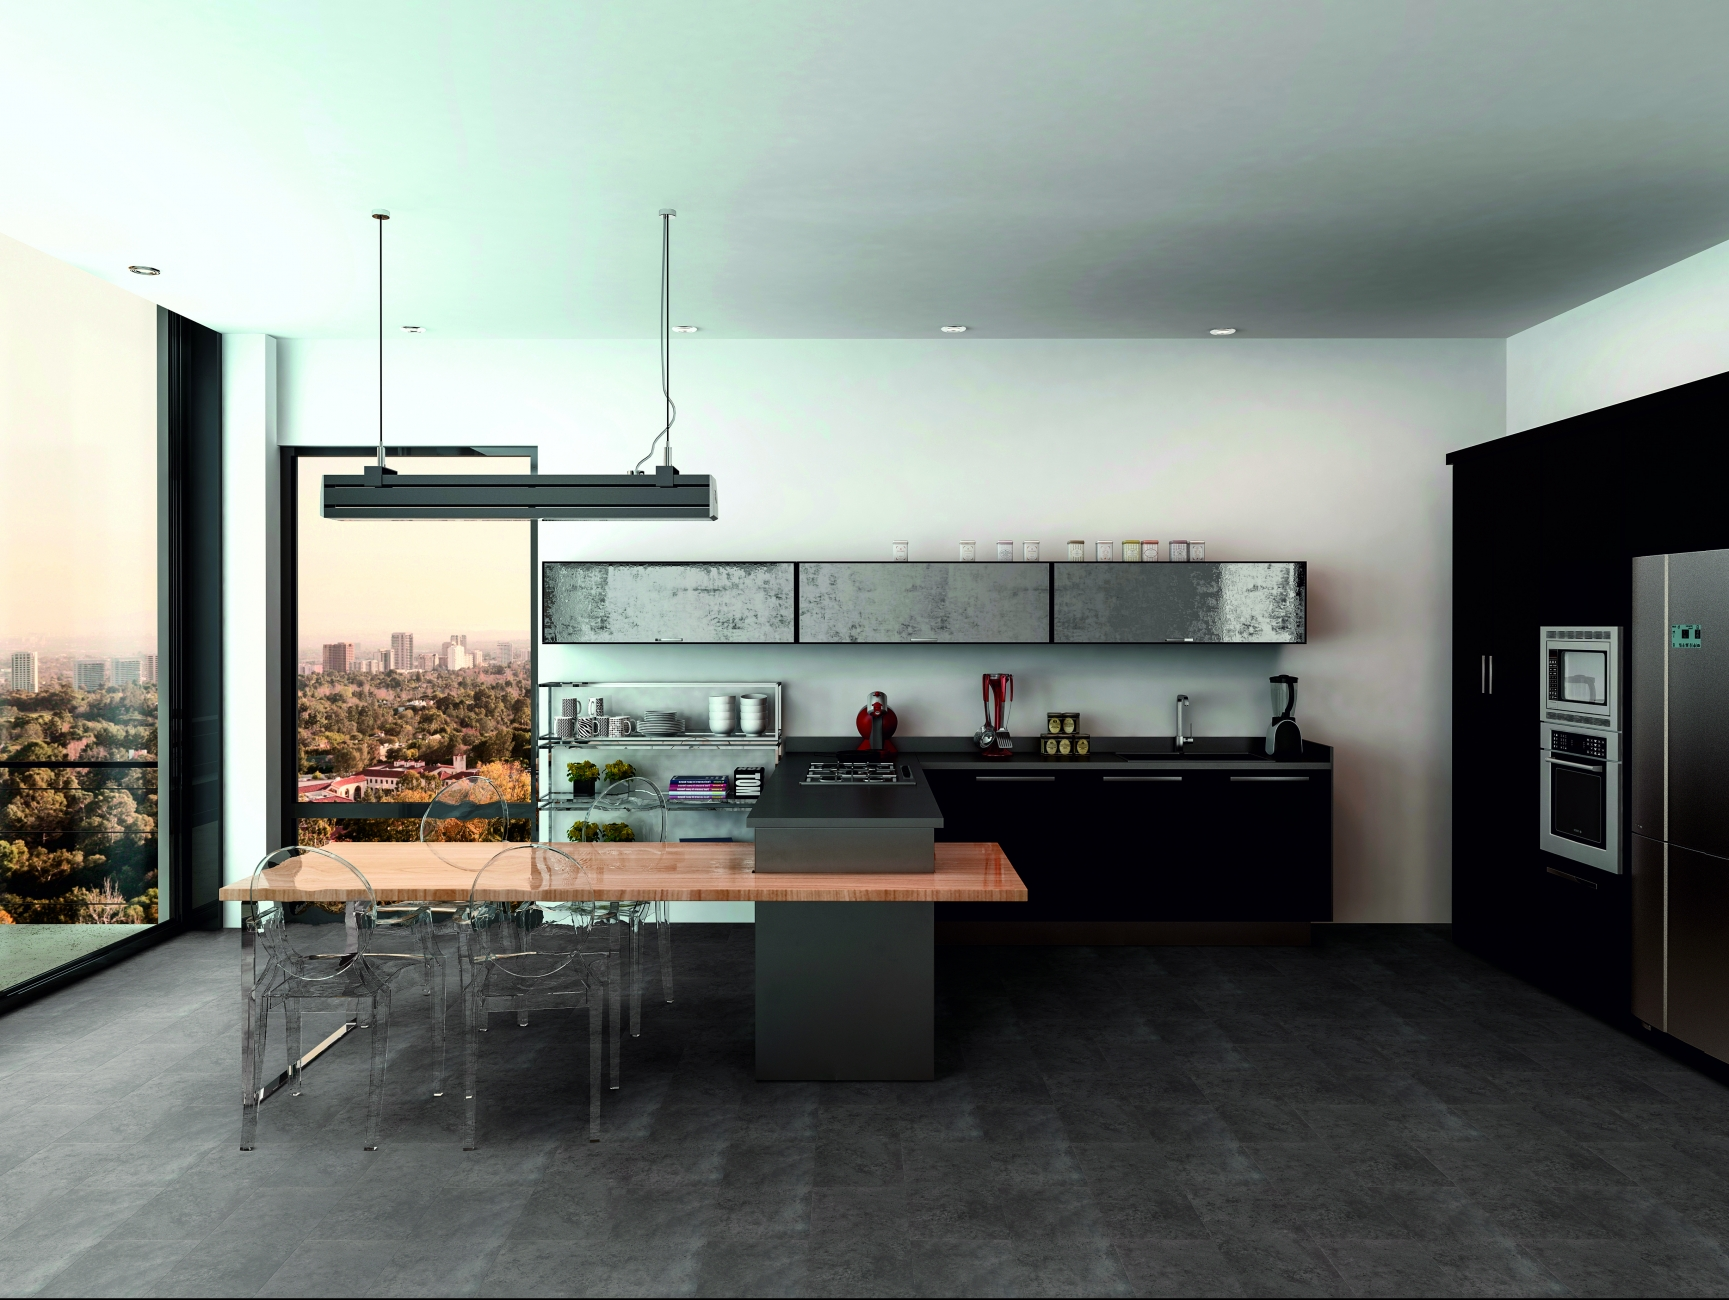 Raumbild - Designboden - Basalt